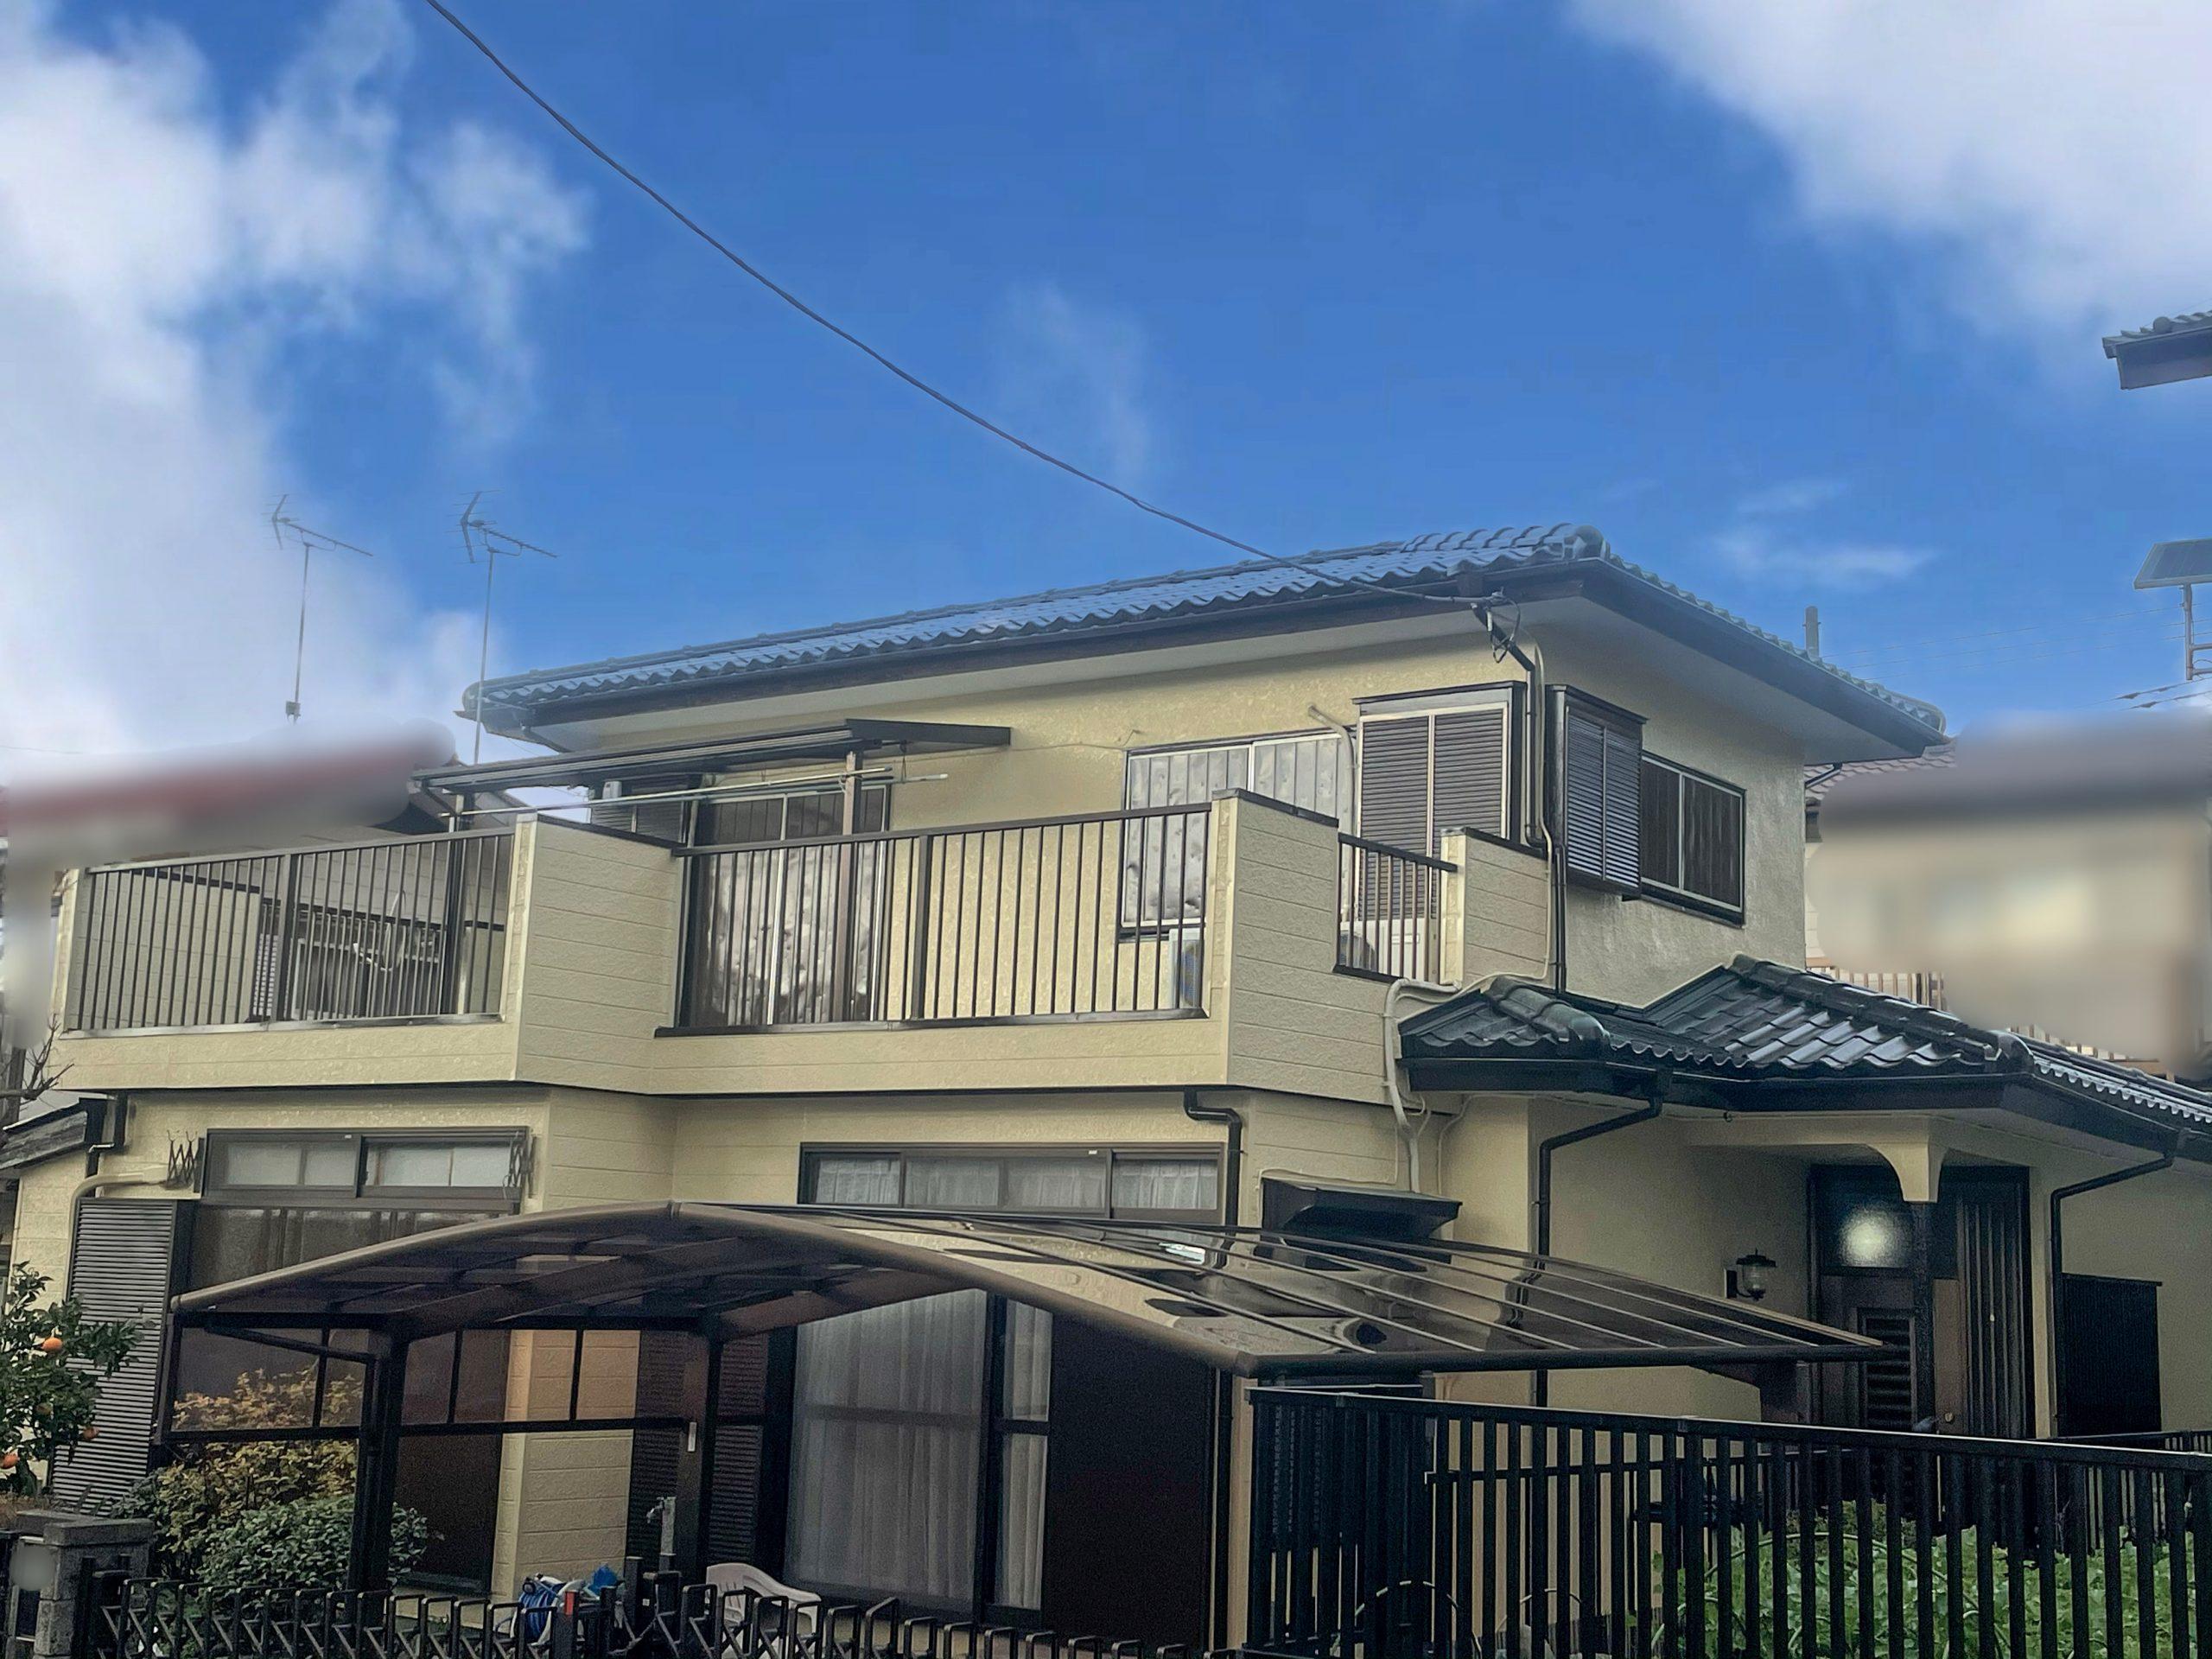 【vol.27】 ベランダ床防水改修&屋根・外壁・付帯部塗装工事